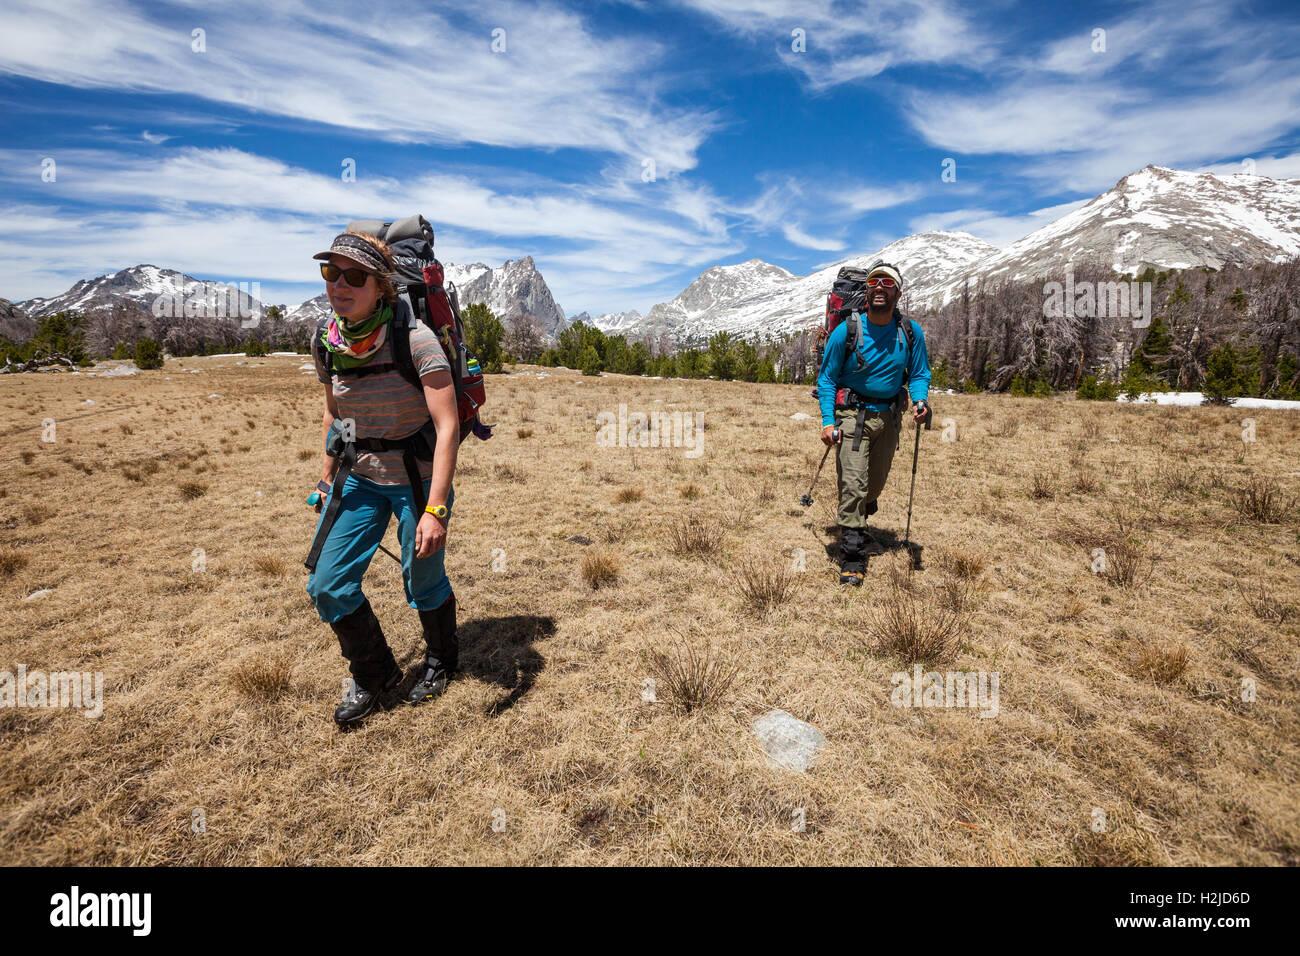 Deux personnes dans le sac à Wind River montagnes du Wyoming, direction Col du Temple/Pic Temple Photo Stock